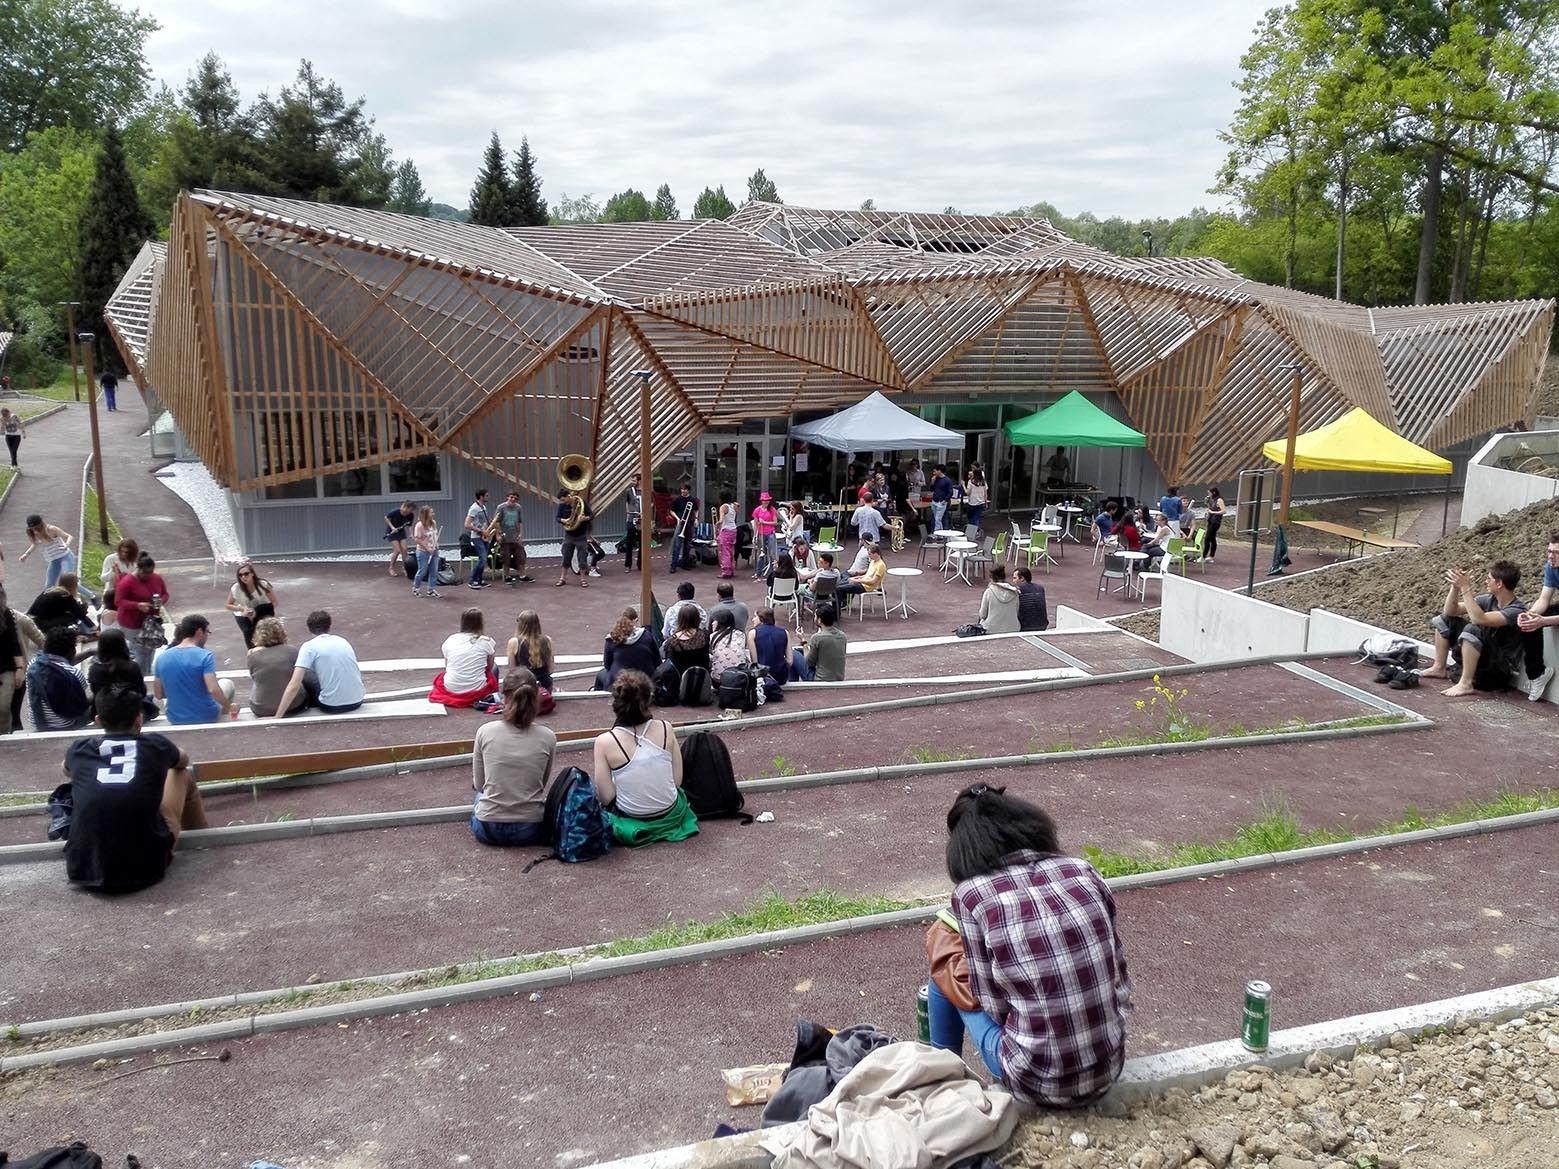 The Students House At Universite Paris Sud Air Student House Architecture Paris